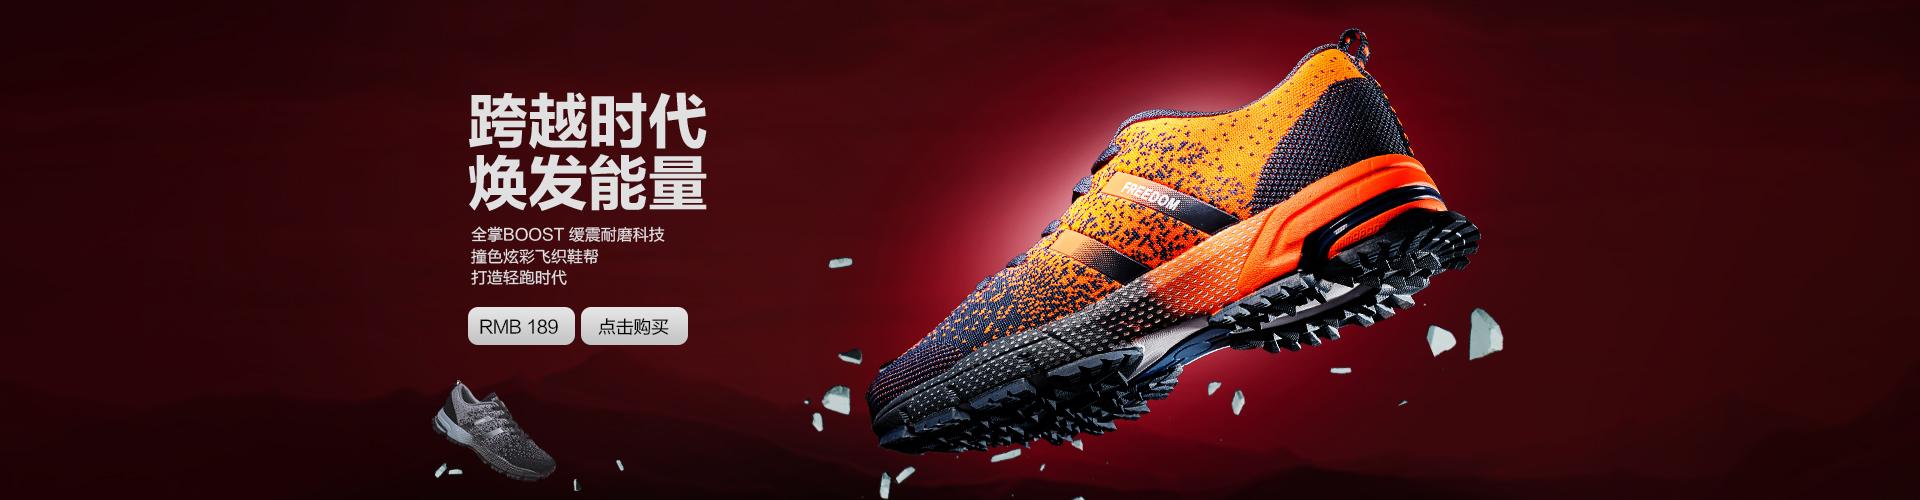 飞织运动鞋海报|网页|banner/广告图|西秀 - 原创作品